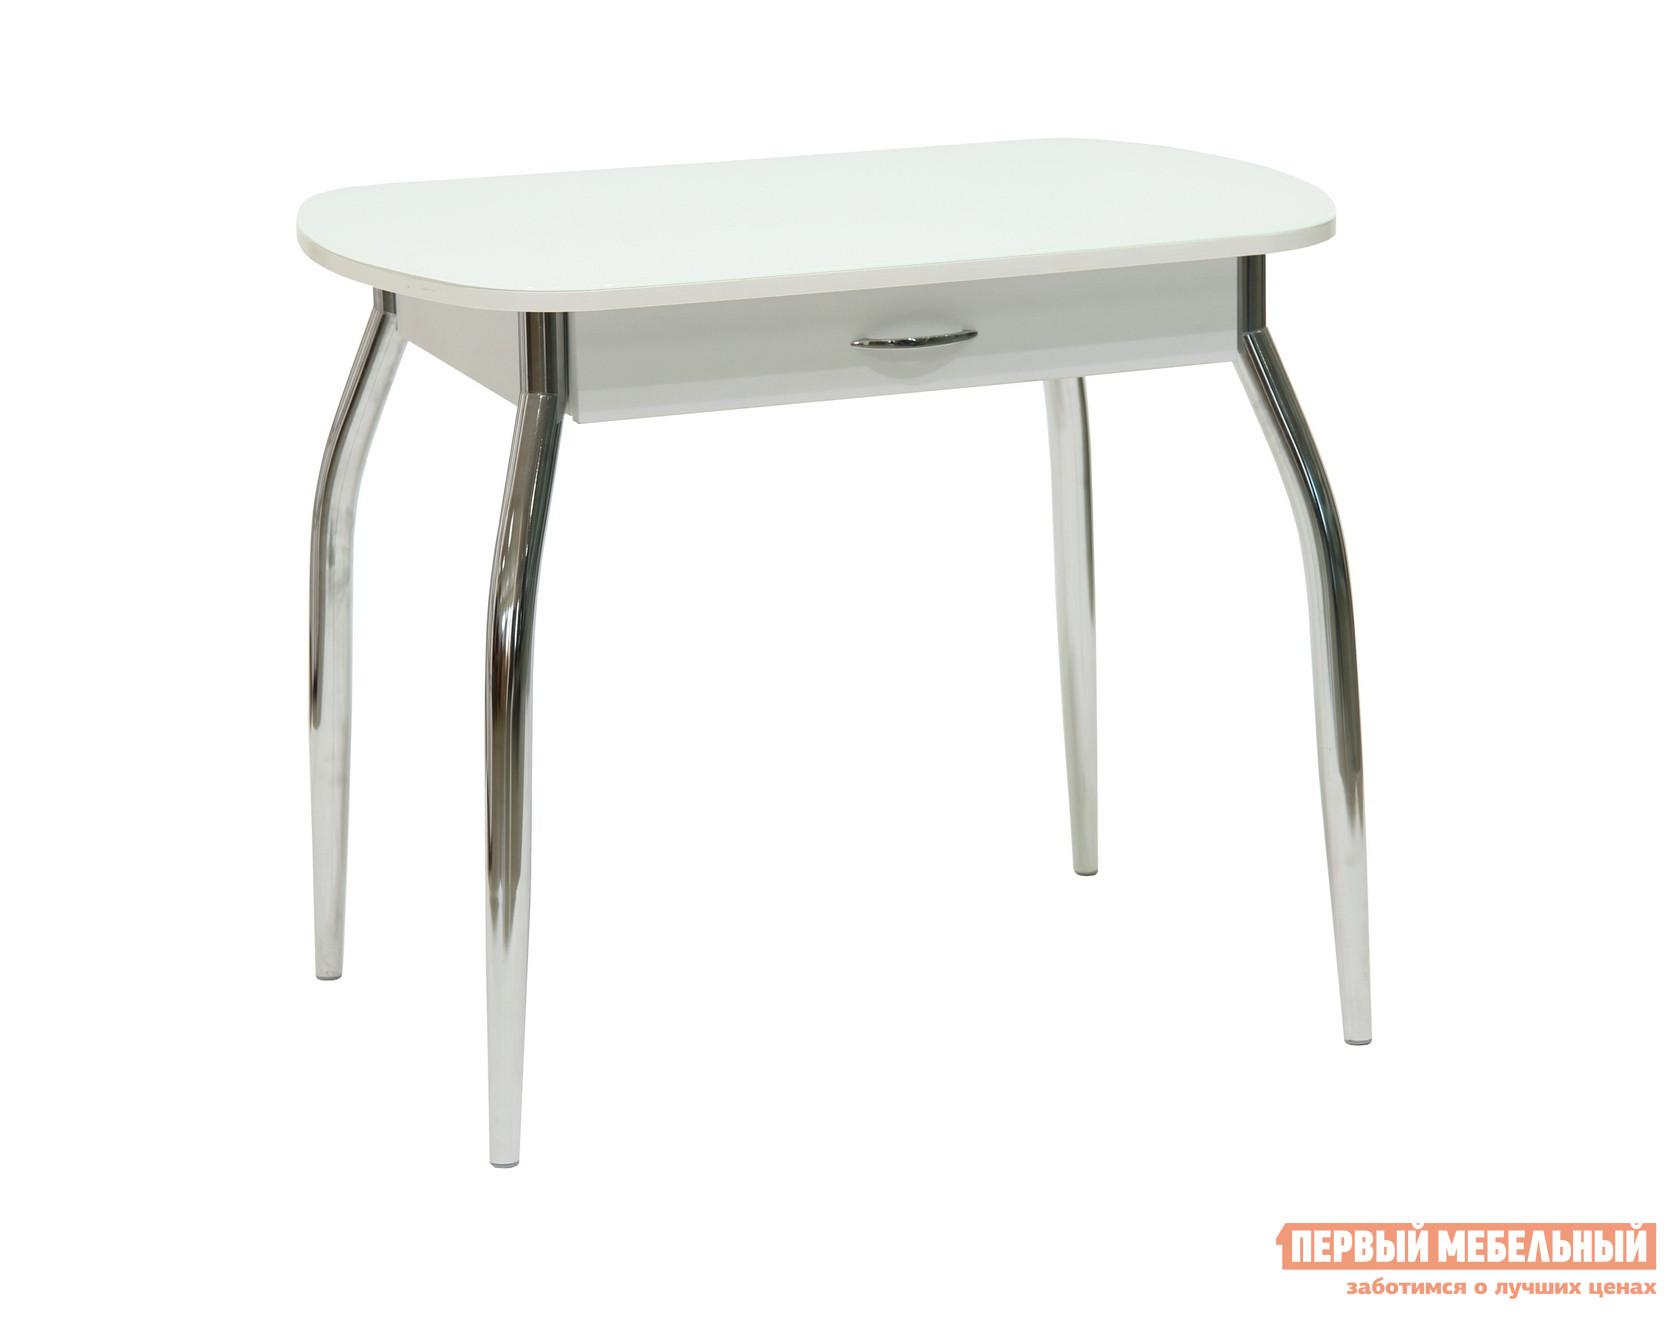 Обеденный стол Первый Мебельный Стол обеденный Сицилия с ящиком